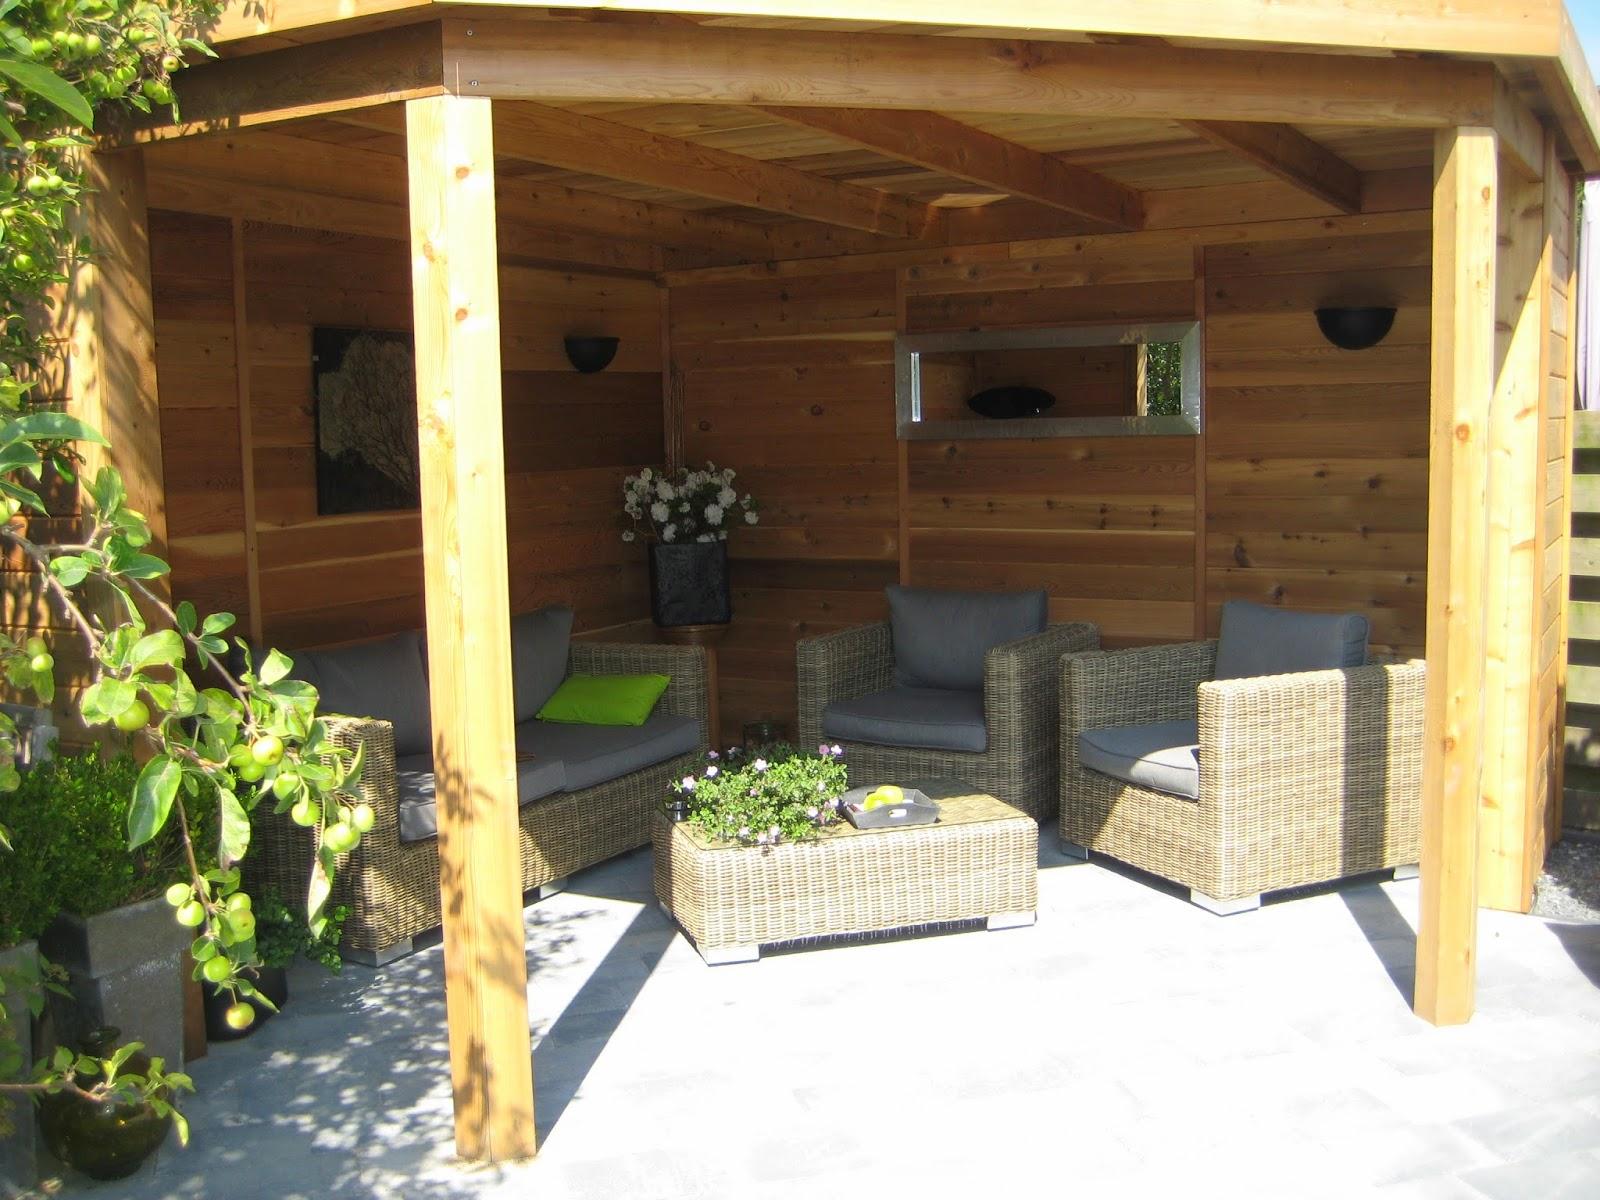 Tuinhuisjes en prieeltjes prieel 5 kantig met platdak in vlissingen zeeland - Prieel buiten ...